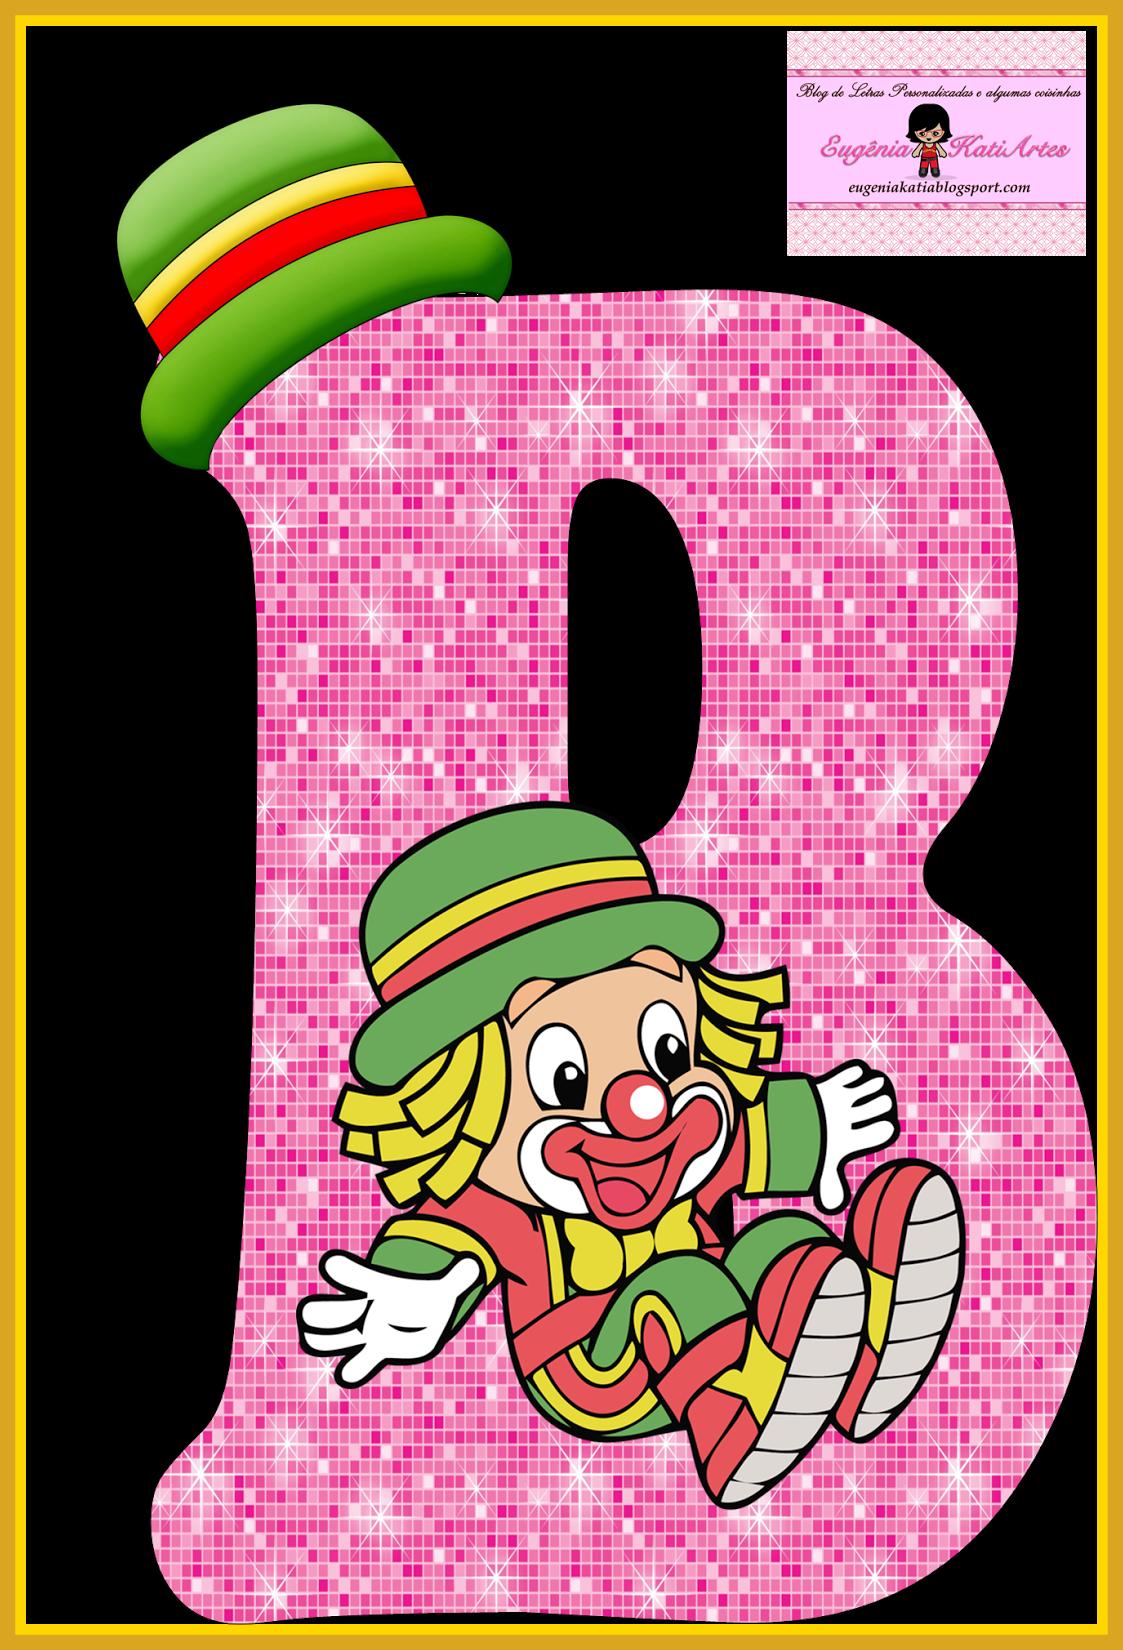 Lady clipart clown. Appealing best cirque fete